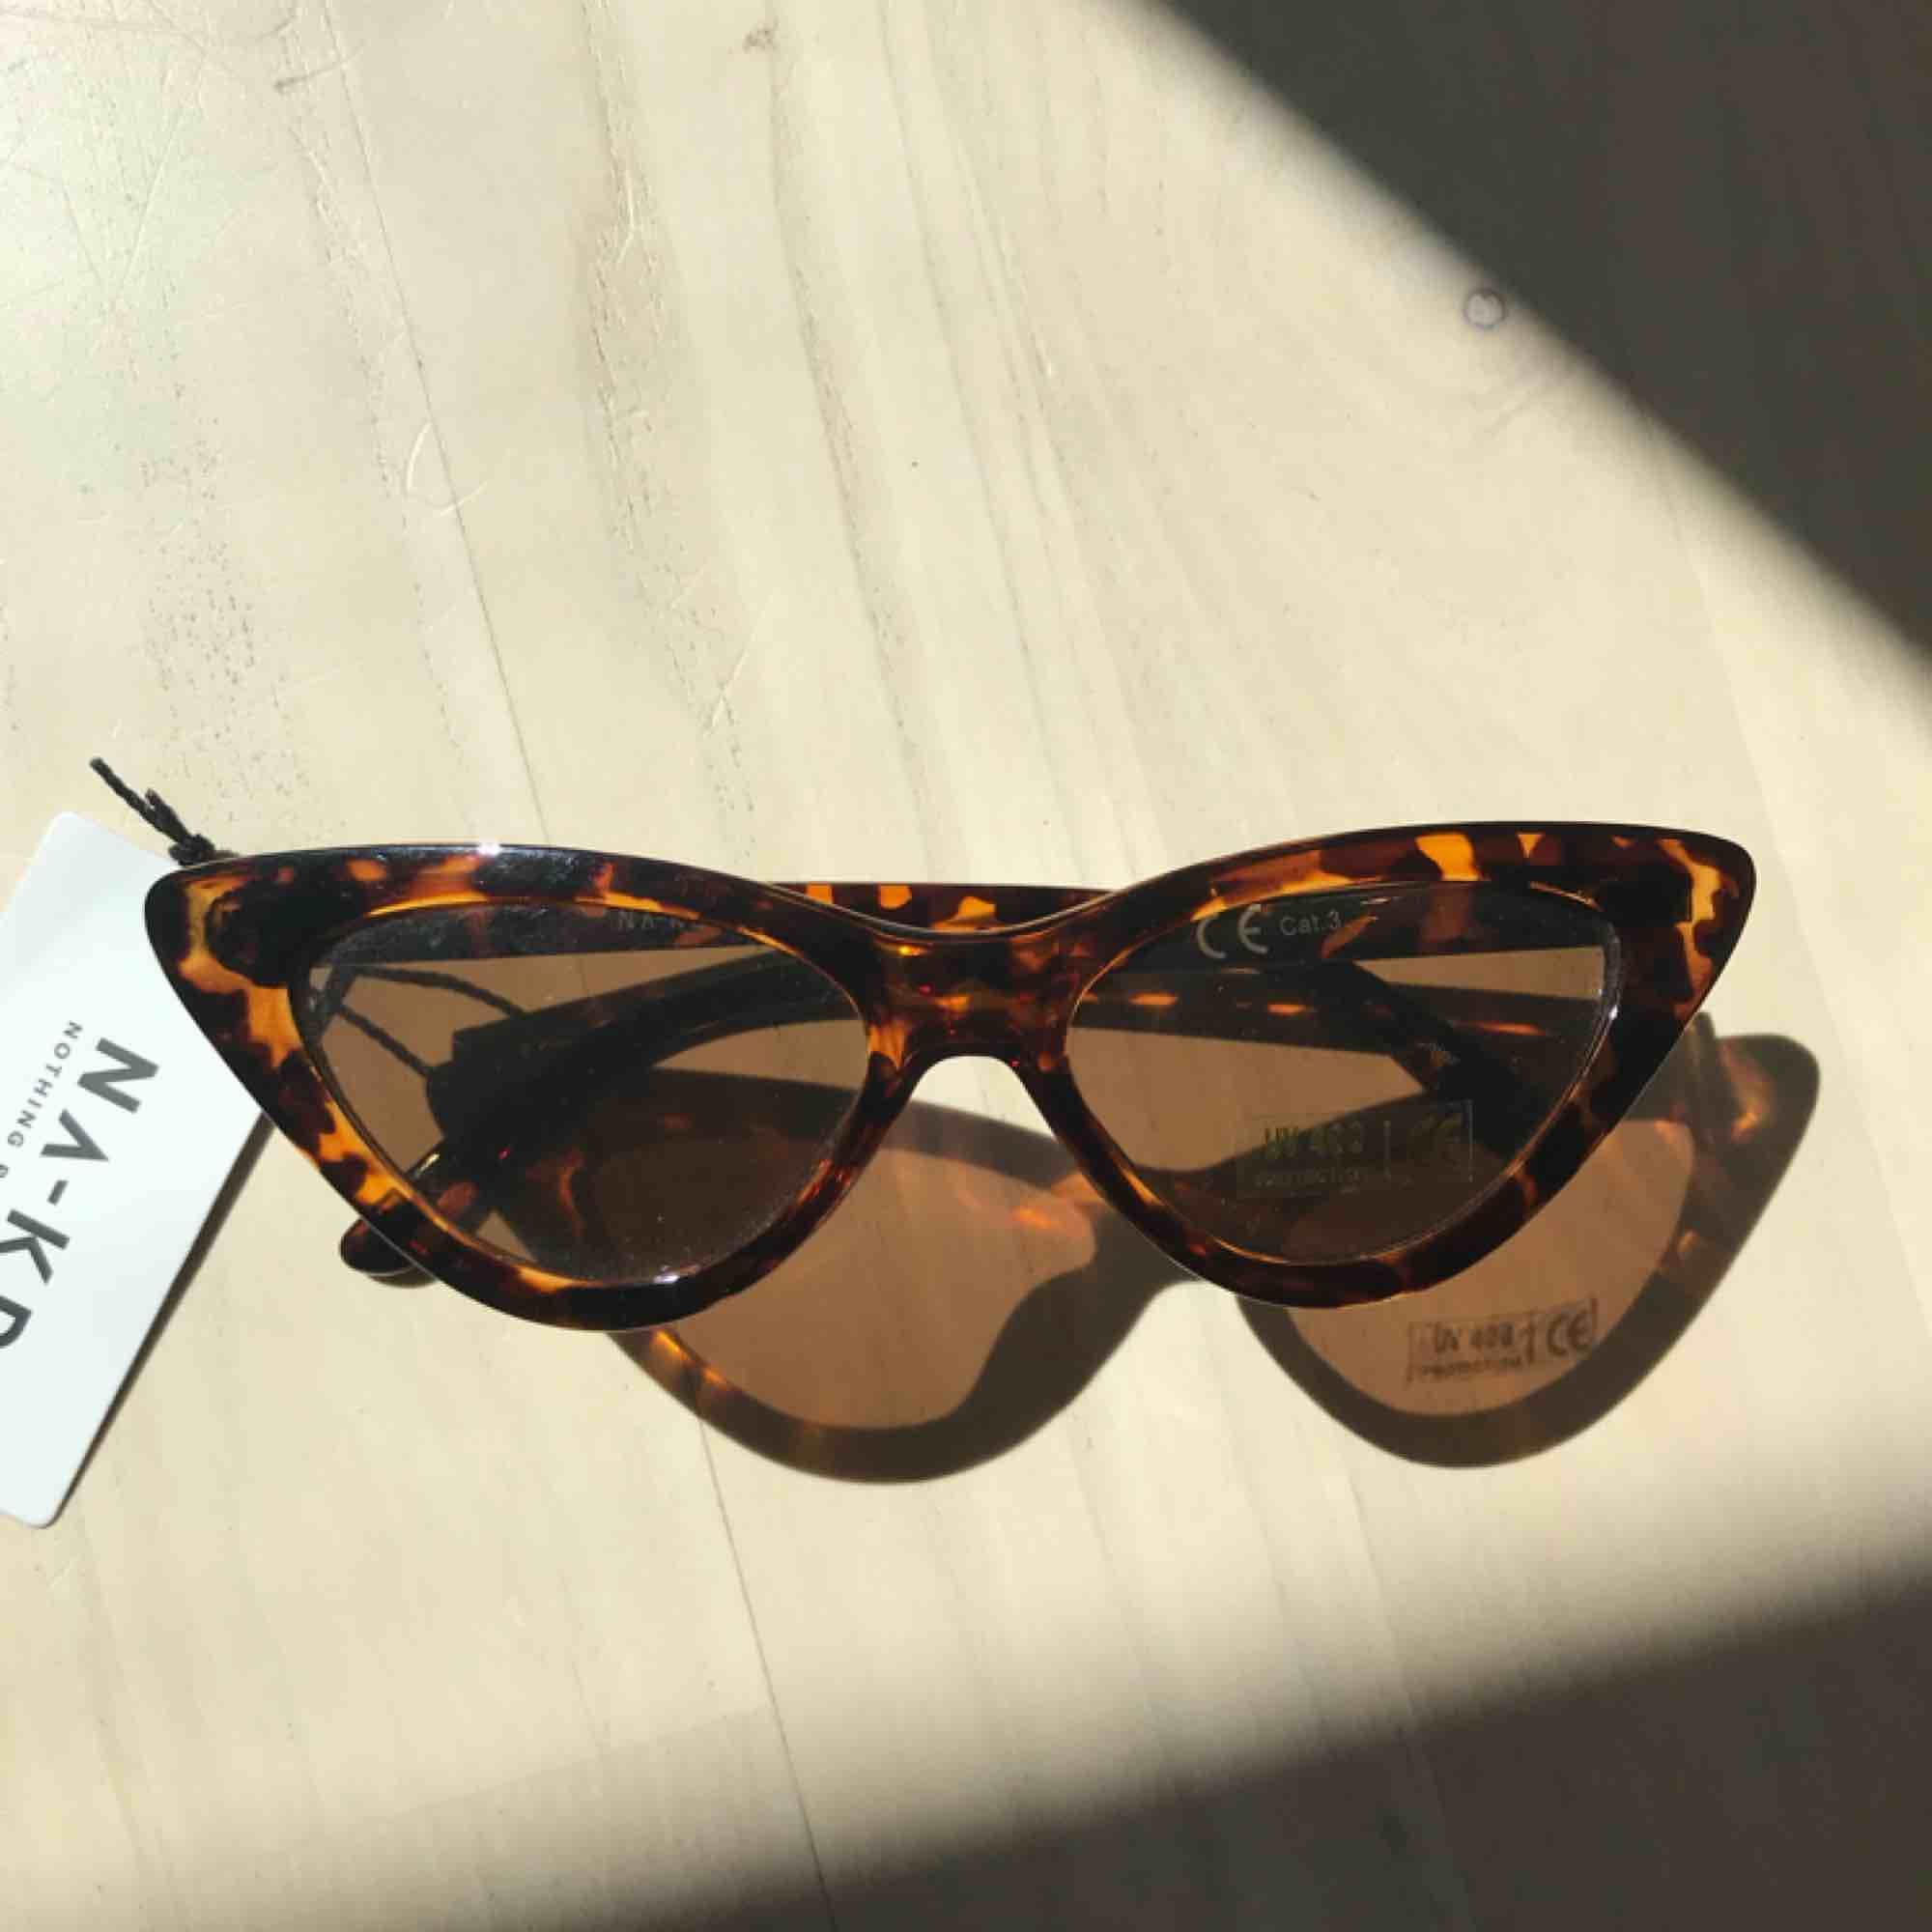 Nya cateye solglasögon från NAKD. Frakt tillkommer på 18kr. Accessoarer.